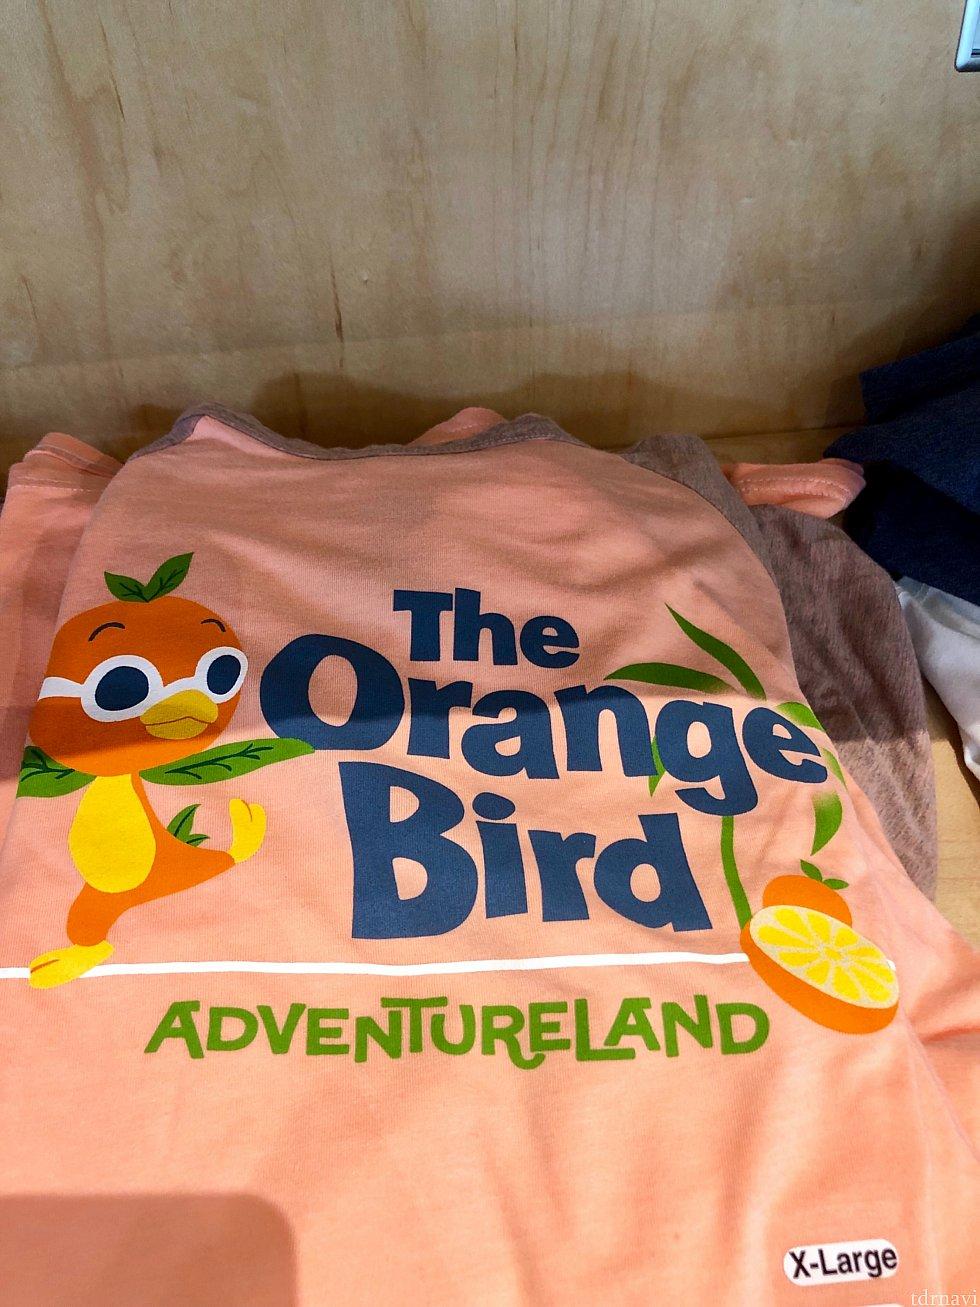 このTシャツ楽しいデザインで凄く良いと思います!$34.99. 実はここに載せきれないほど沢山のグッズがDisney Styleには揃っています。また機会がありましたら更なるグッズをご紹介したいと思います!